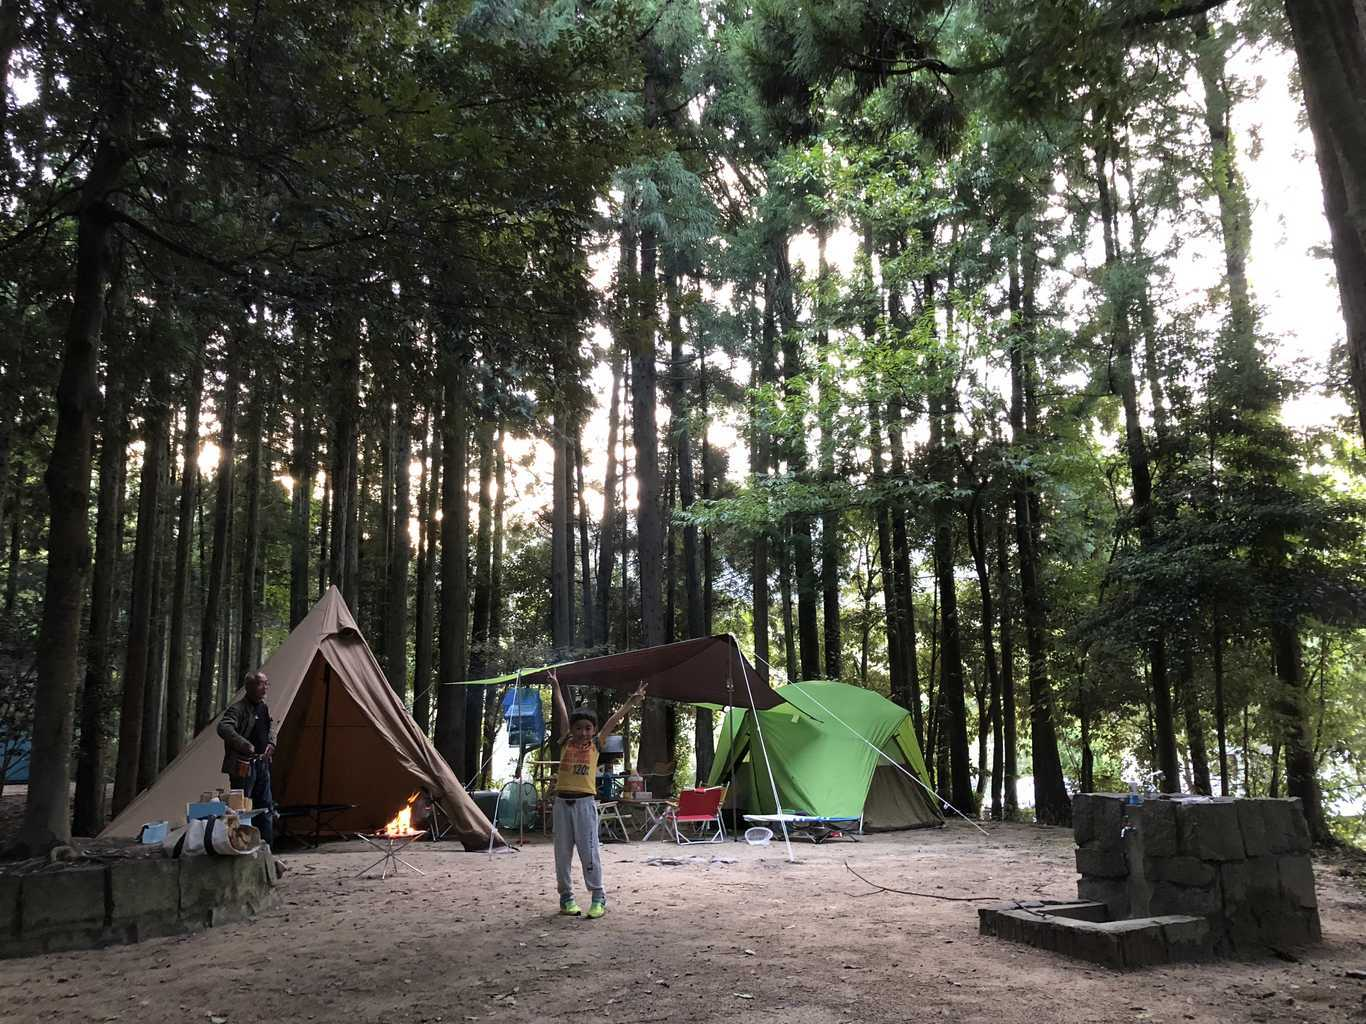 カヌーの里おおちオートキャンプ場 の写真p